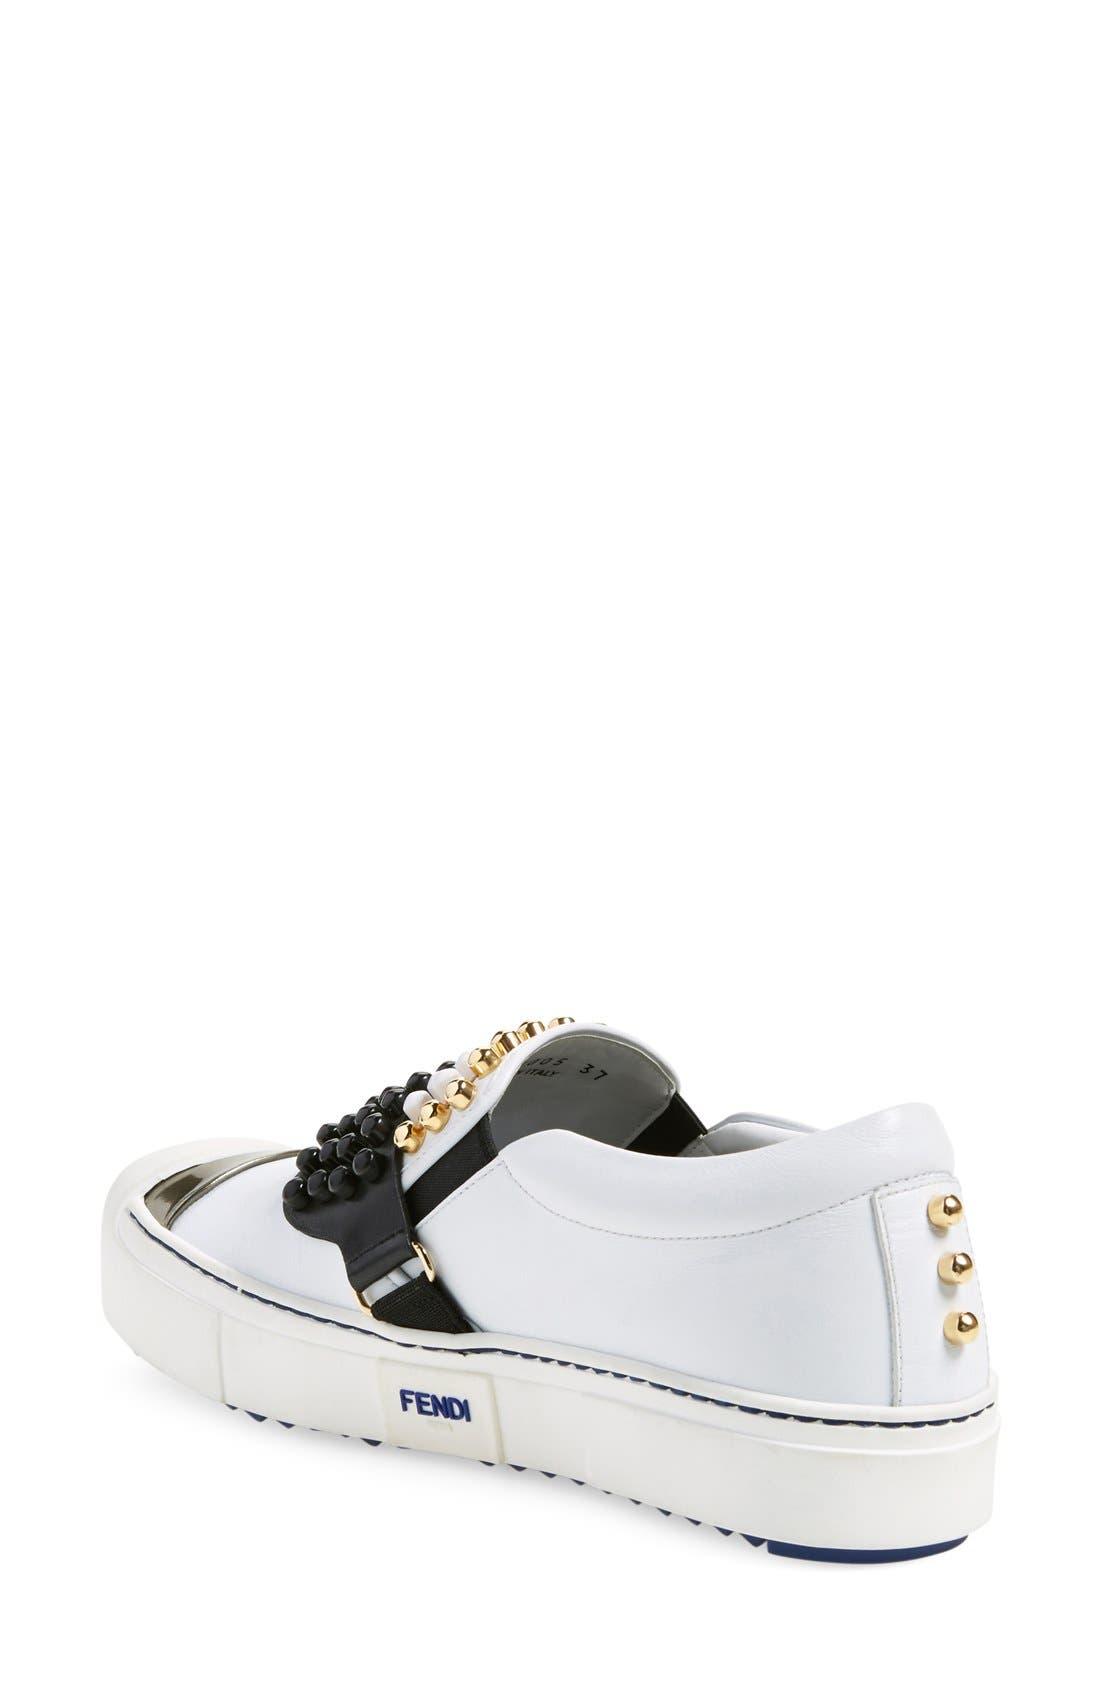 Alternate Image 2  - Fendi 'Karlito' Slip-On Sneaker (Women)